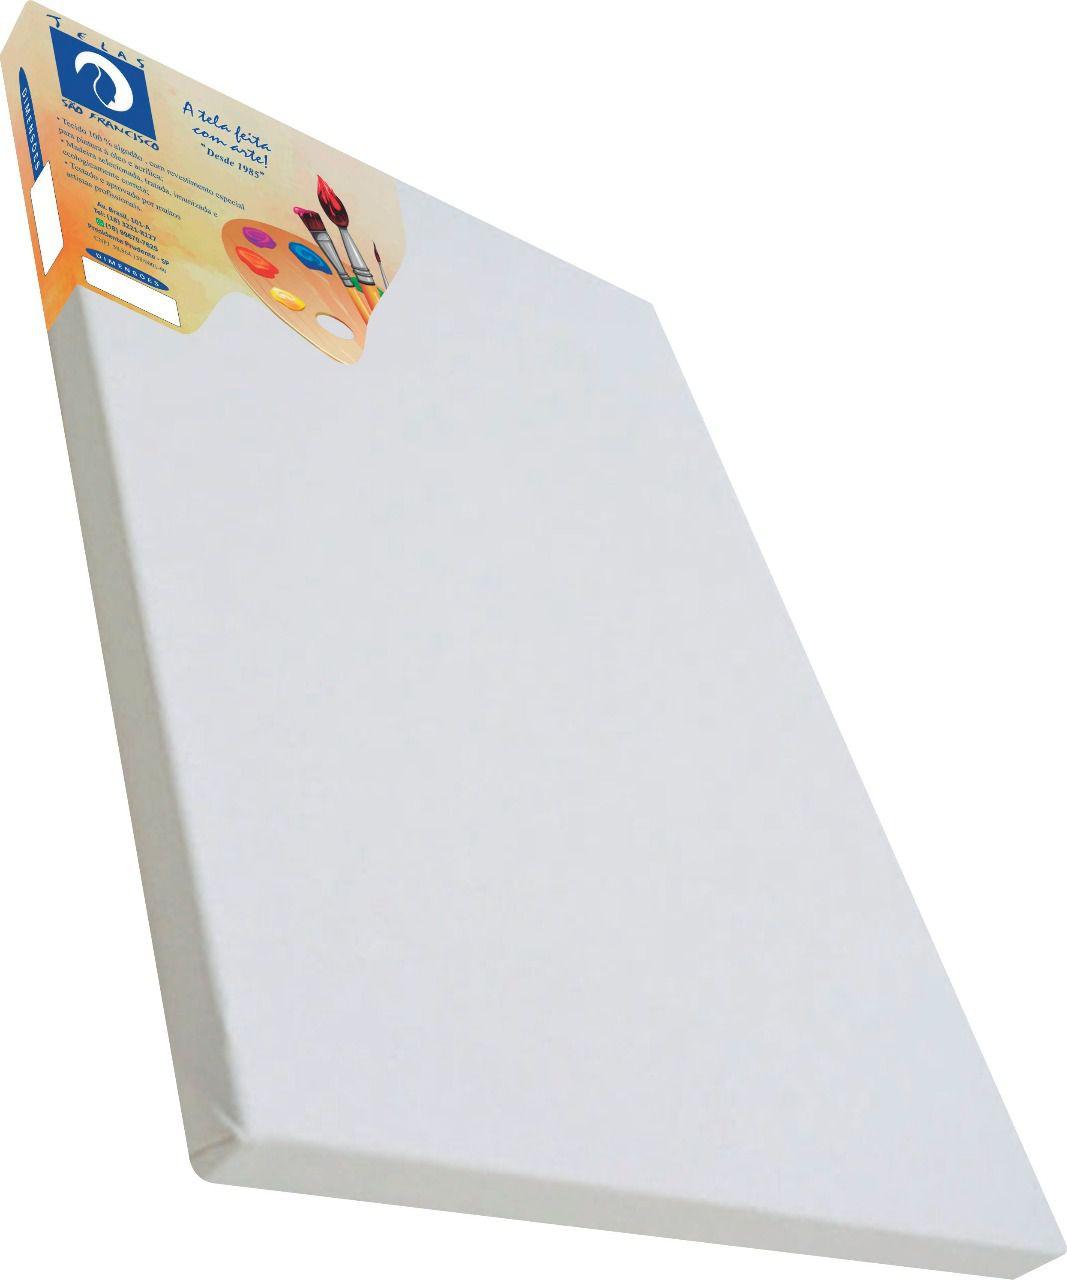 Tela comum para pintura 20x20cm - São Francisco